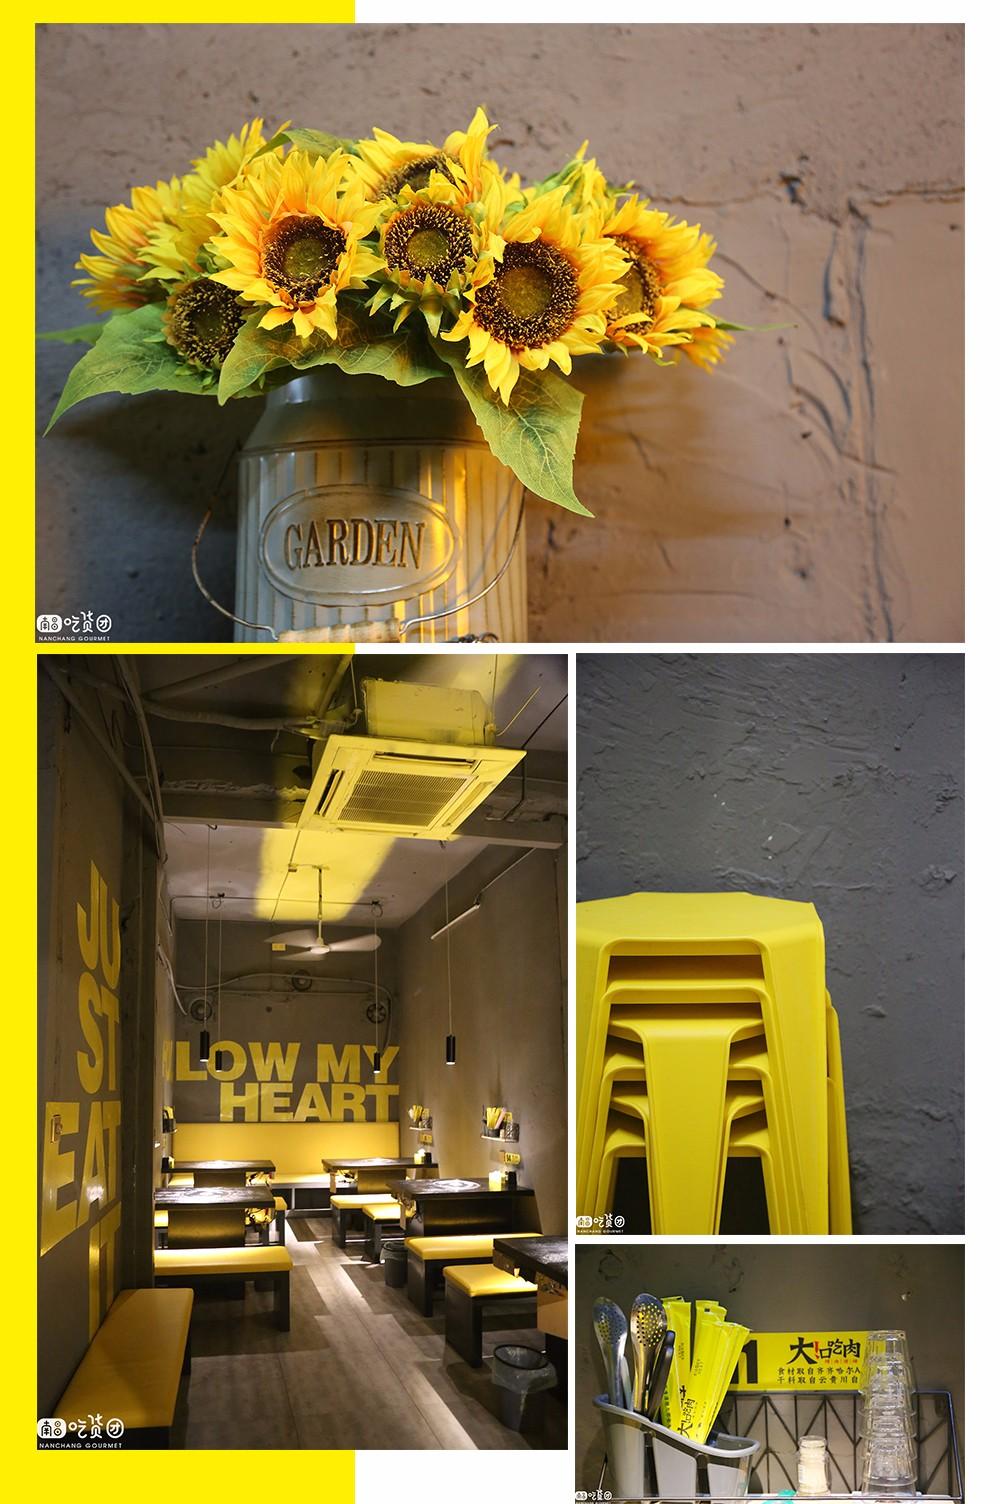 从招牌,logo到室内装潢,餐饮物料等,都是清一色的黄